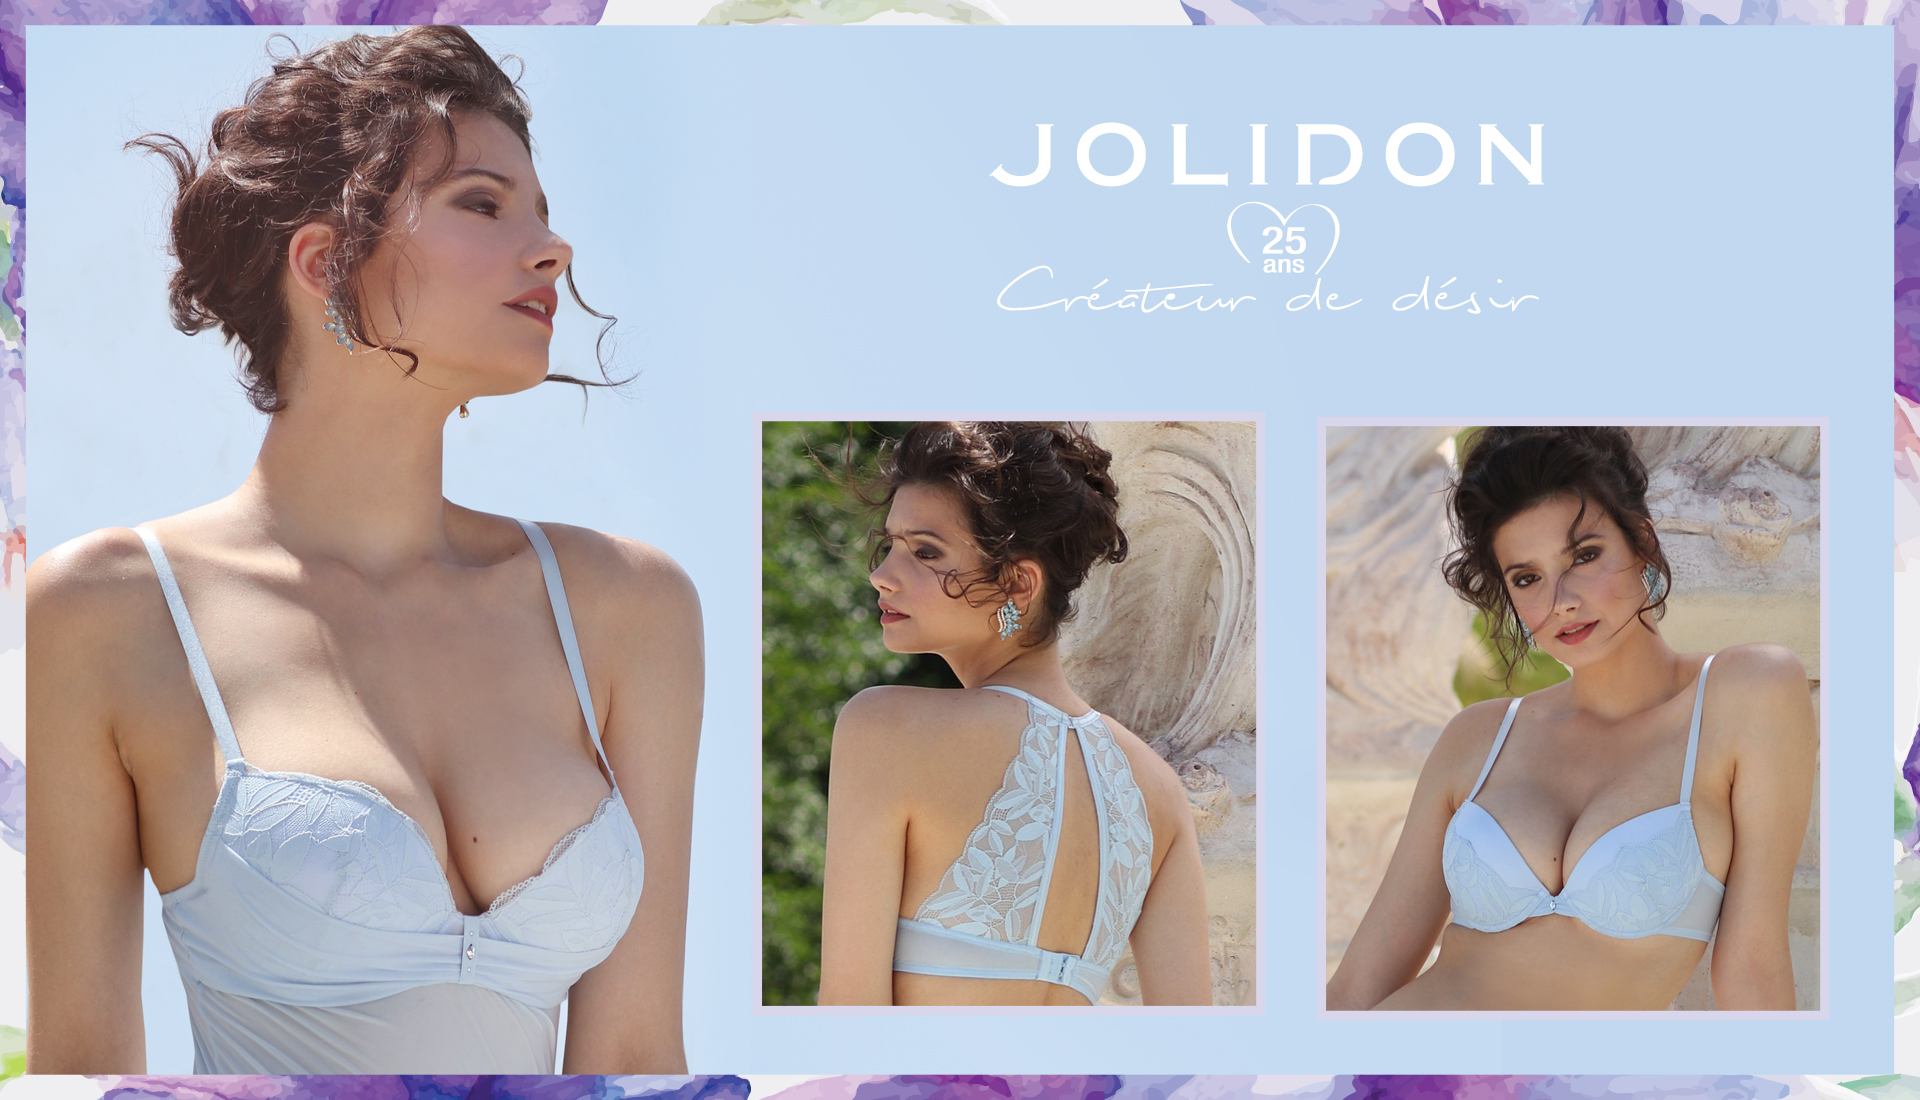 Jolidon promotie februarie 2018